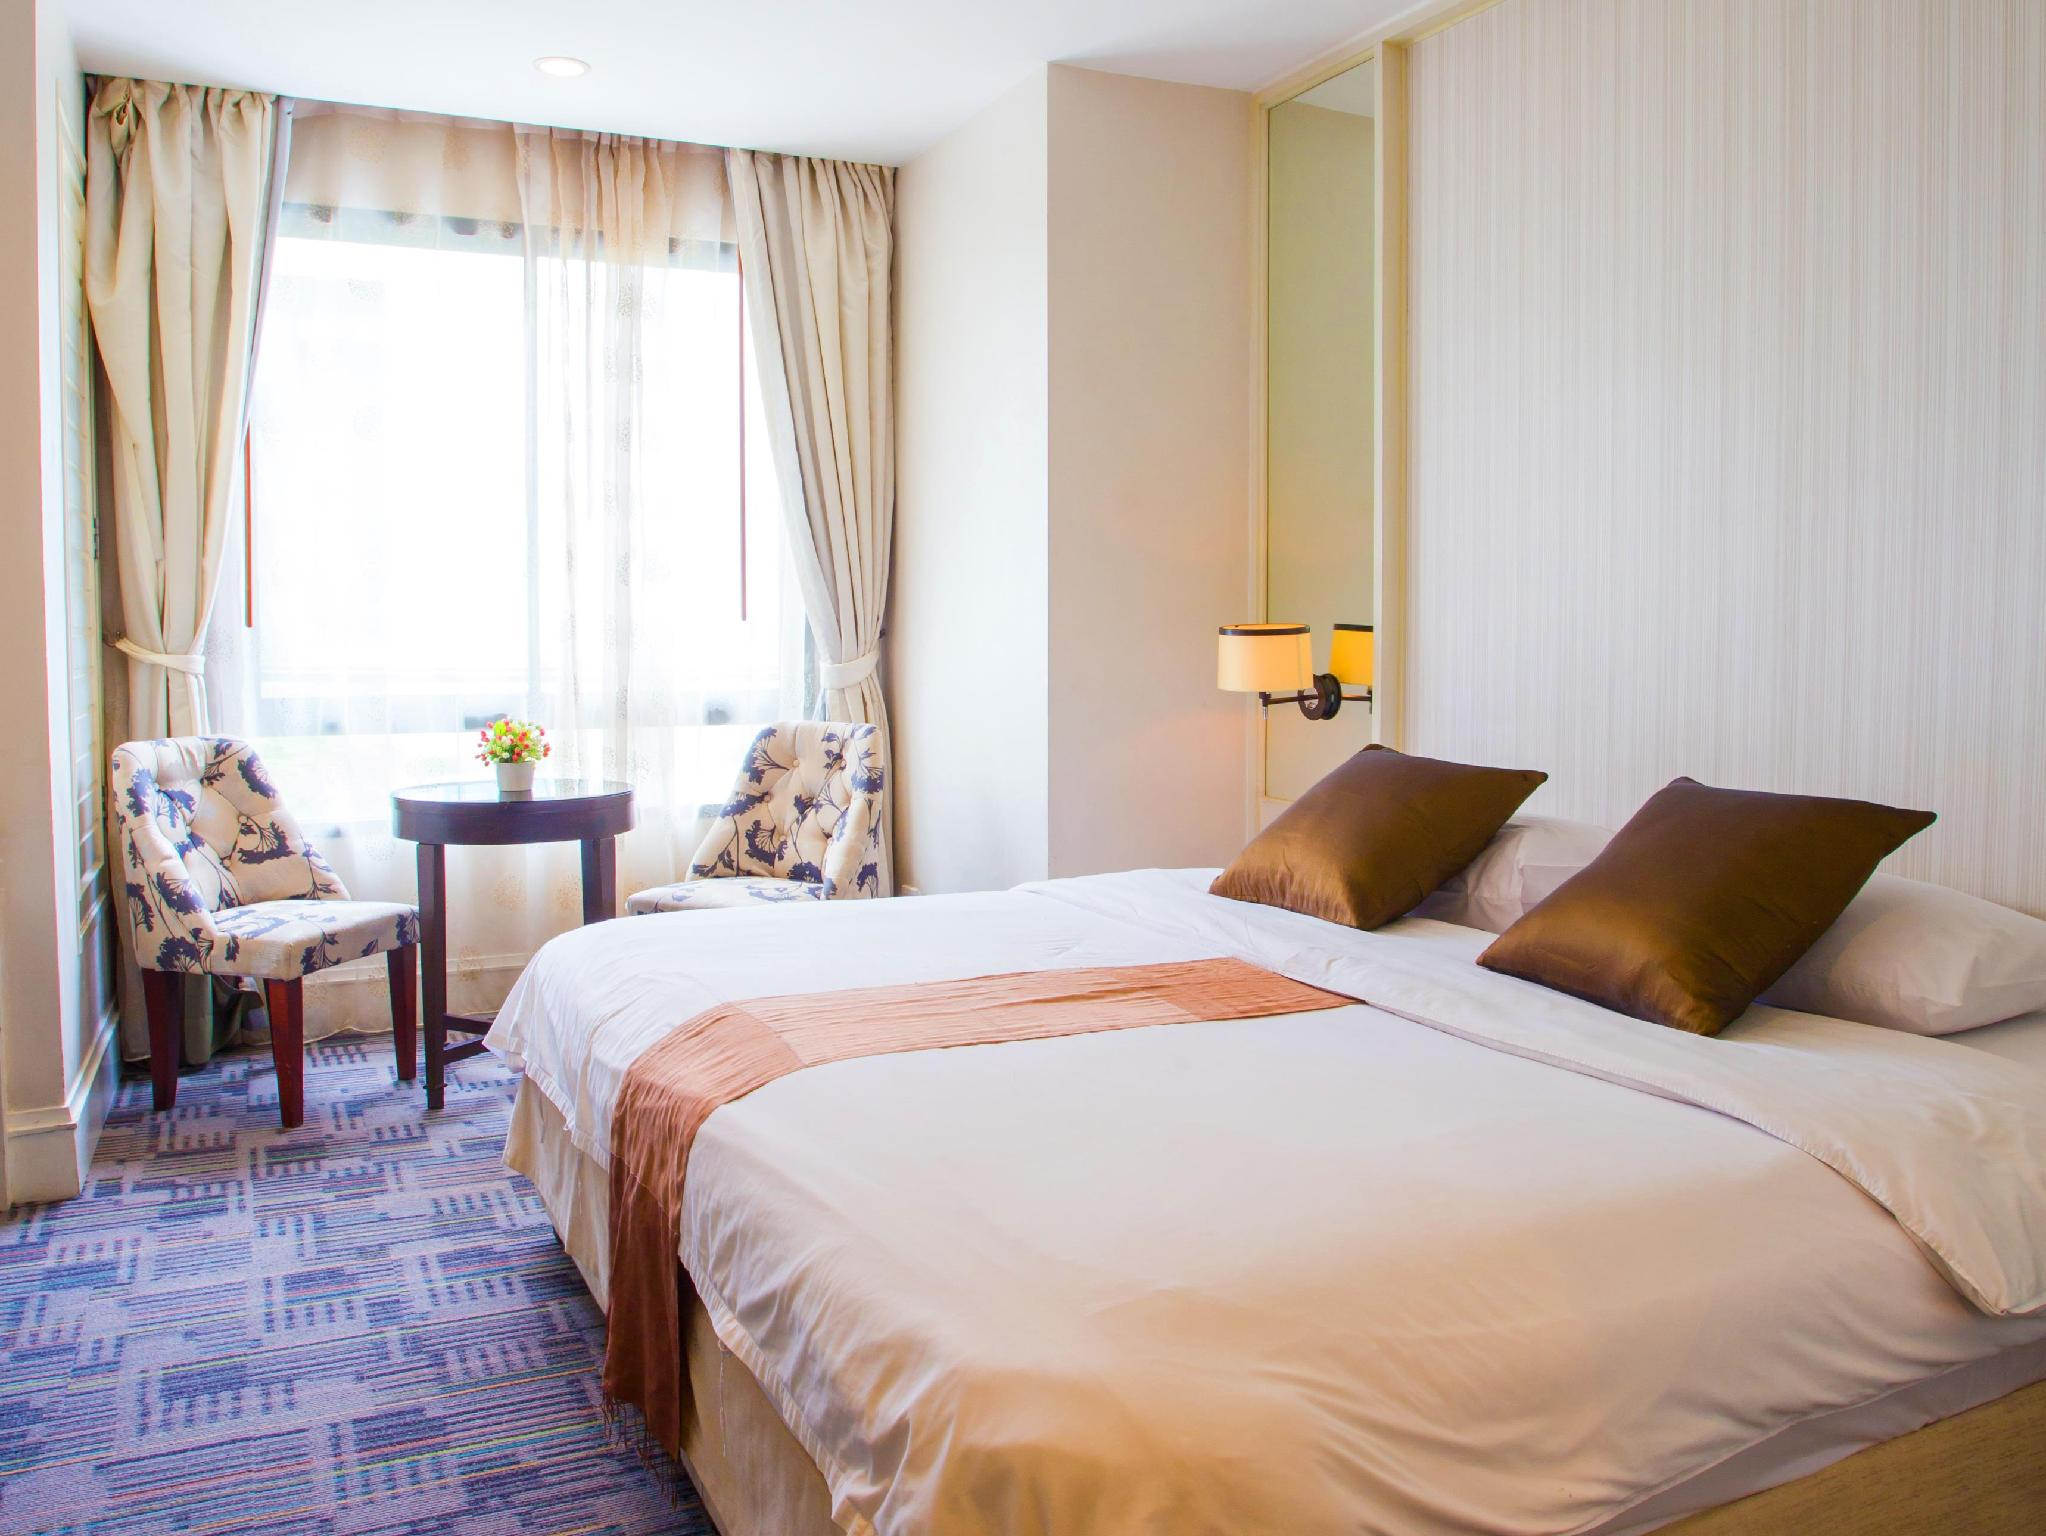 โรงแรม อะโฟร์ดิเต้ อินน์ บางกอก